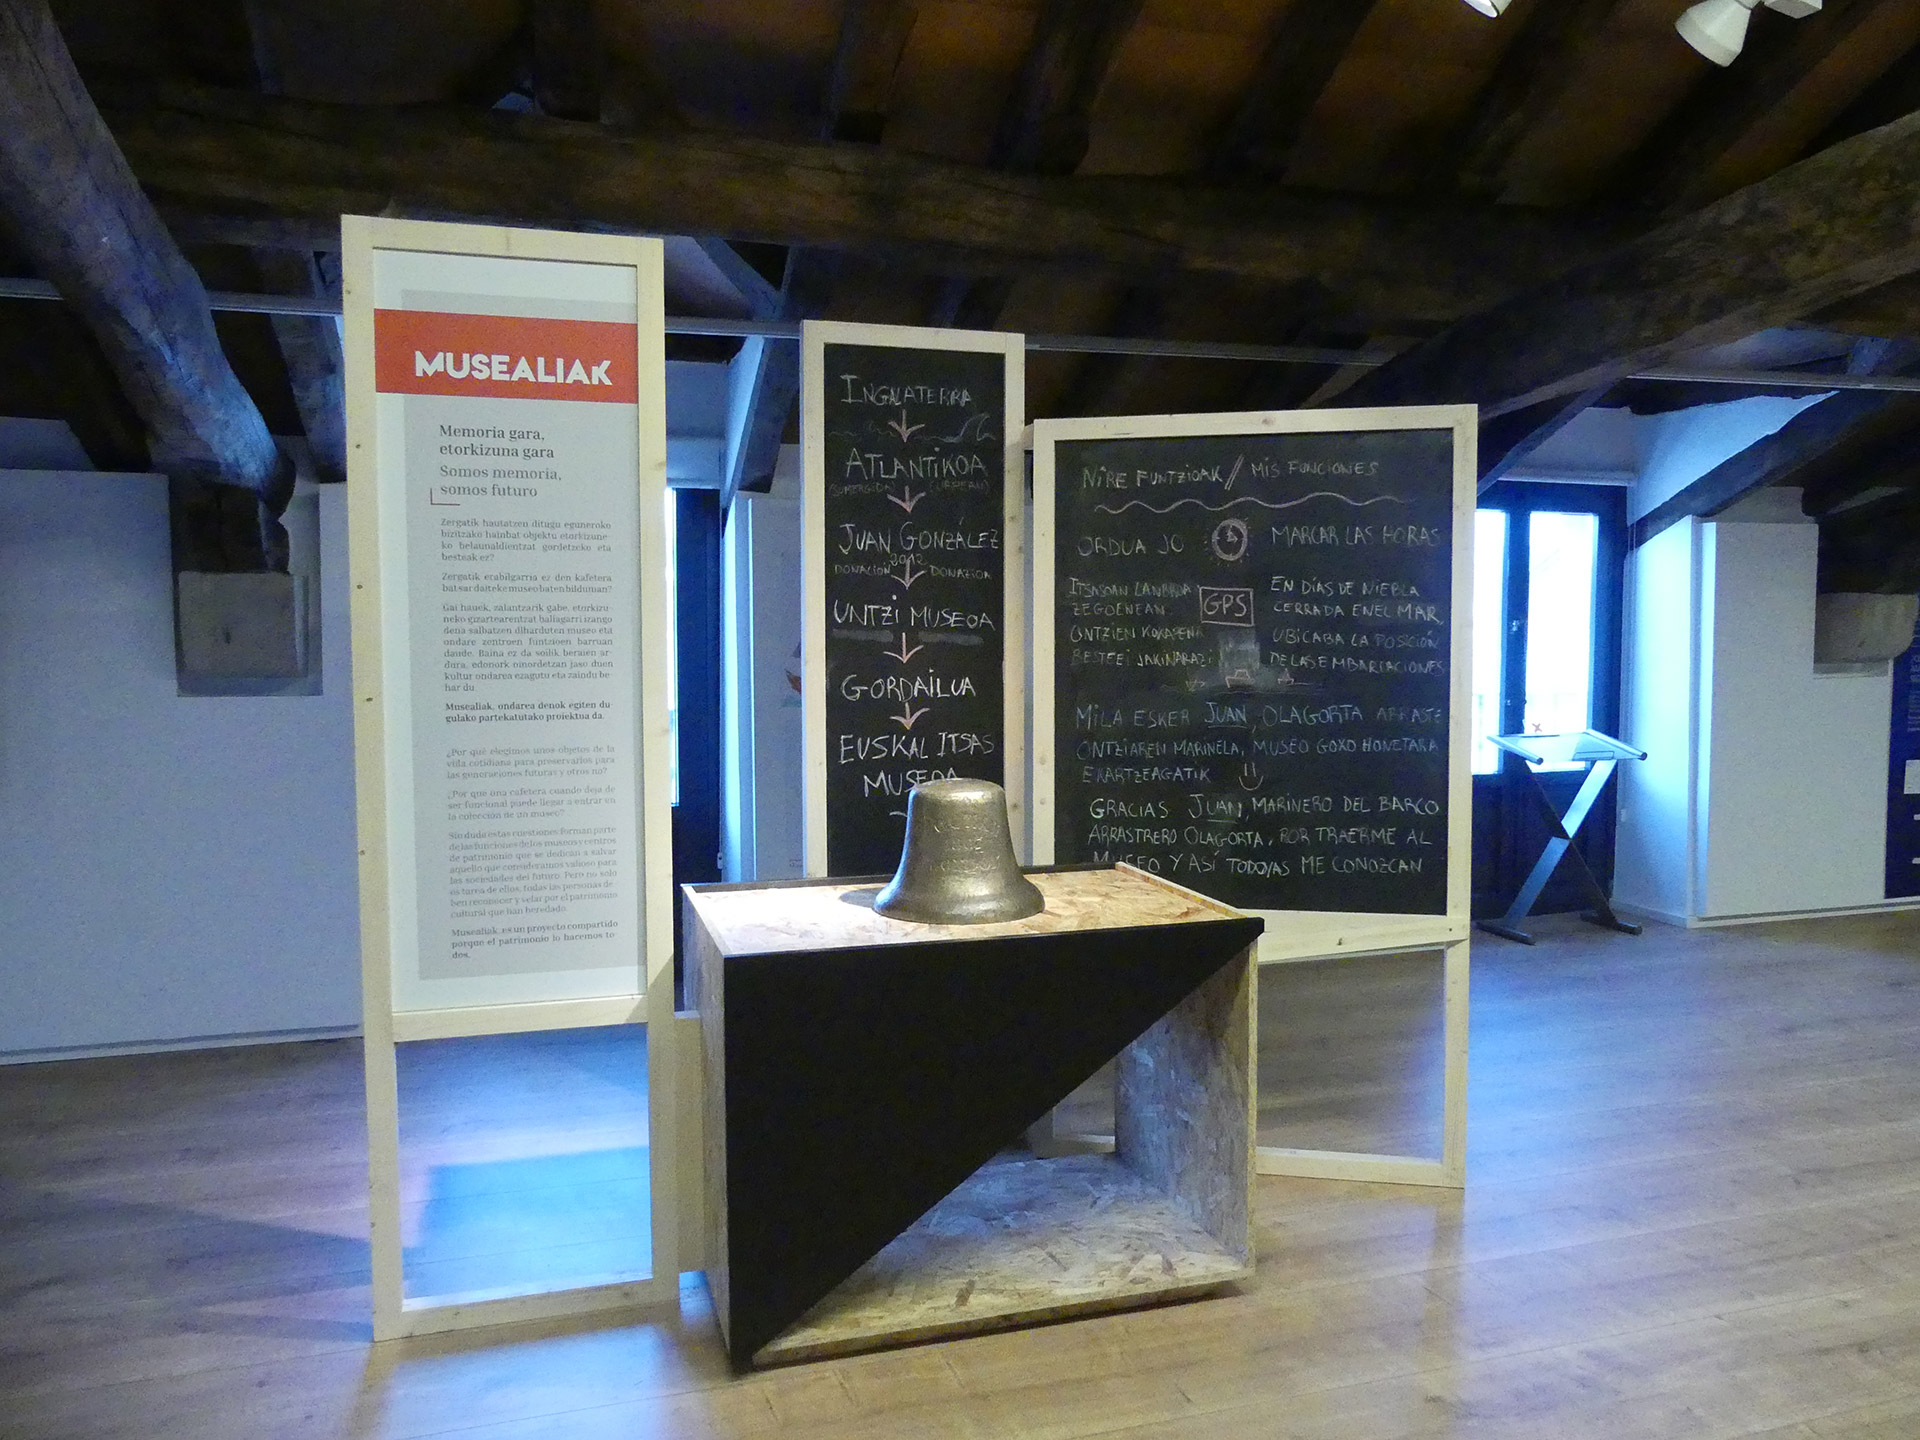 Imagen del stand de la campana en el museo